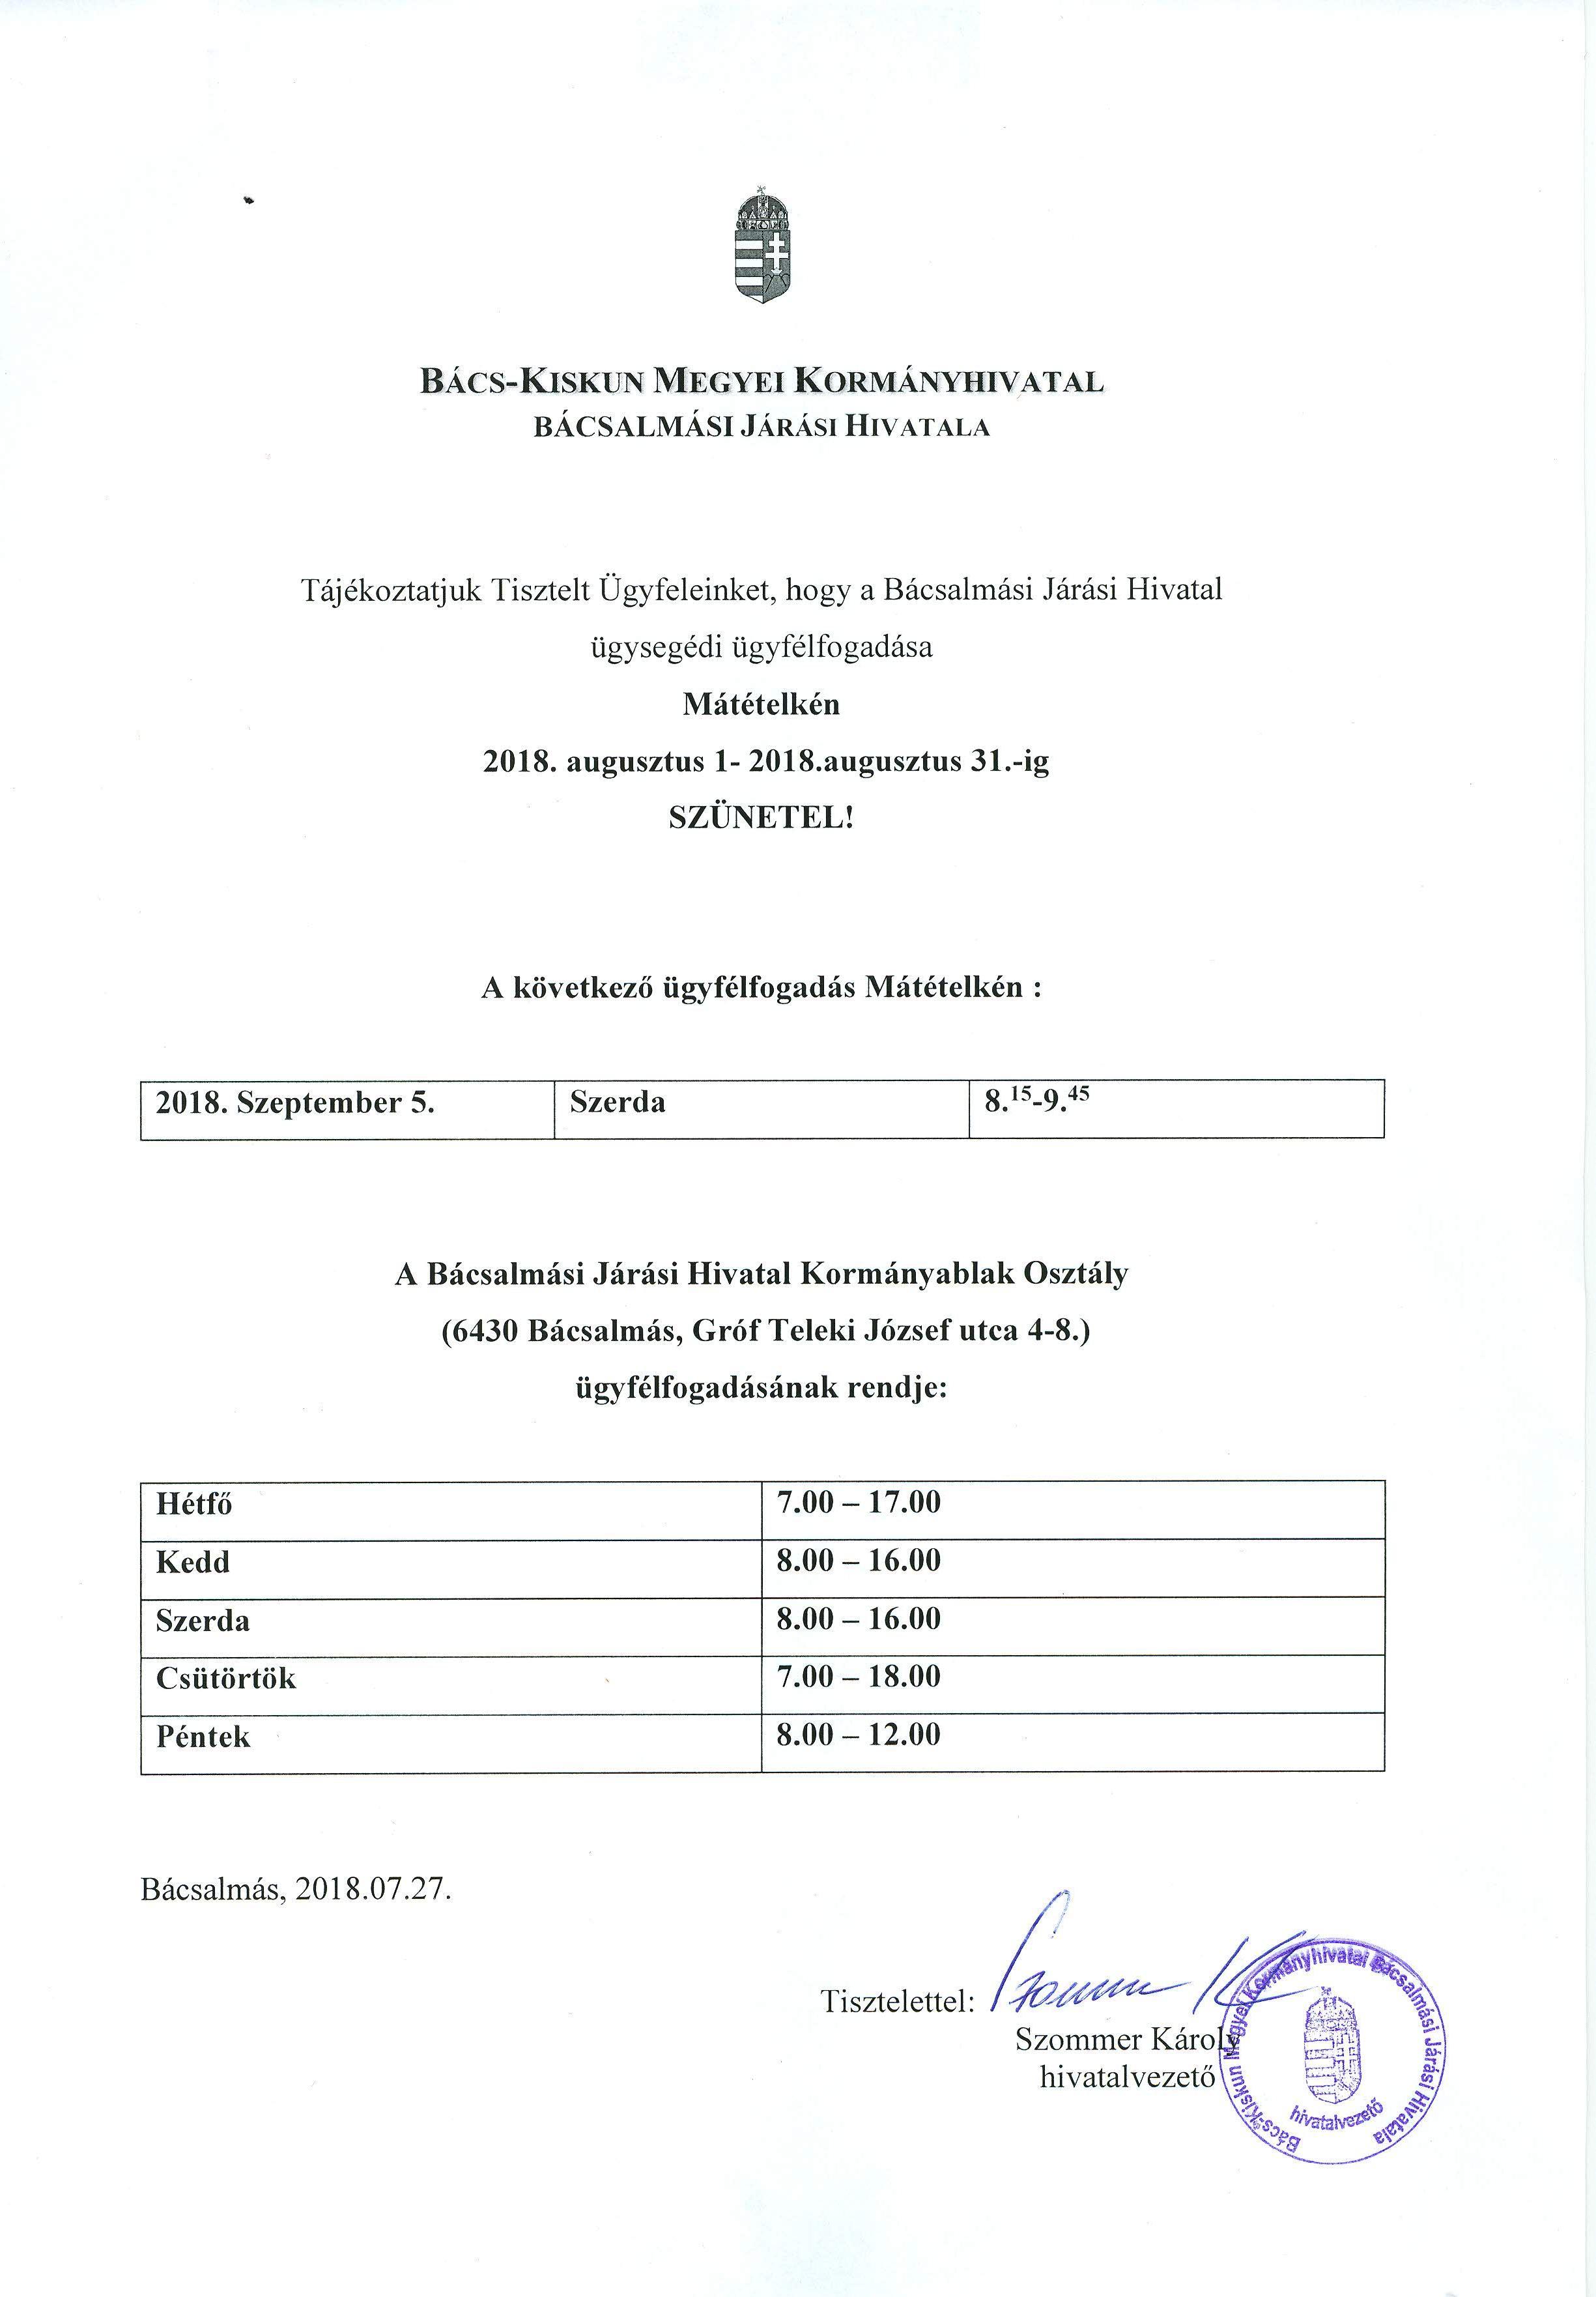 Mátételke - ügyfélfogadási szünet-page-001